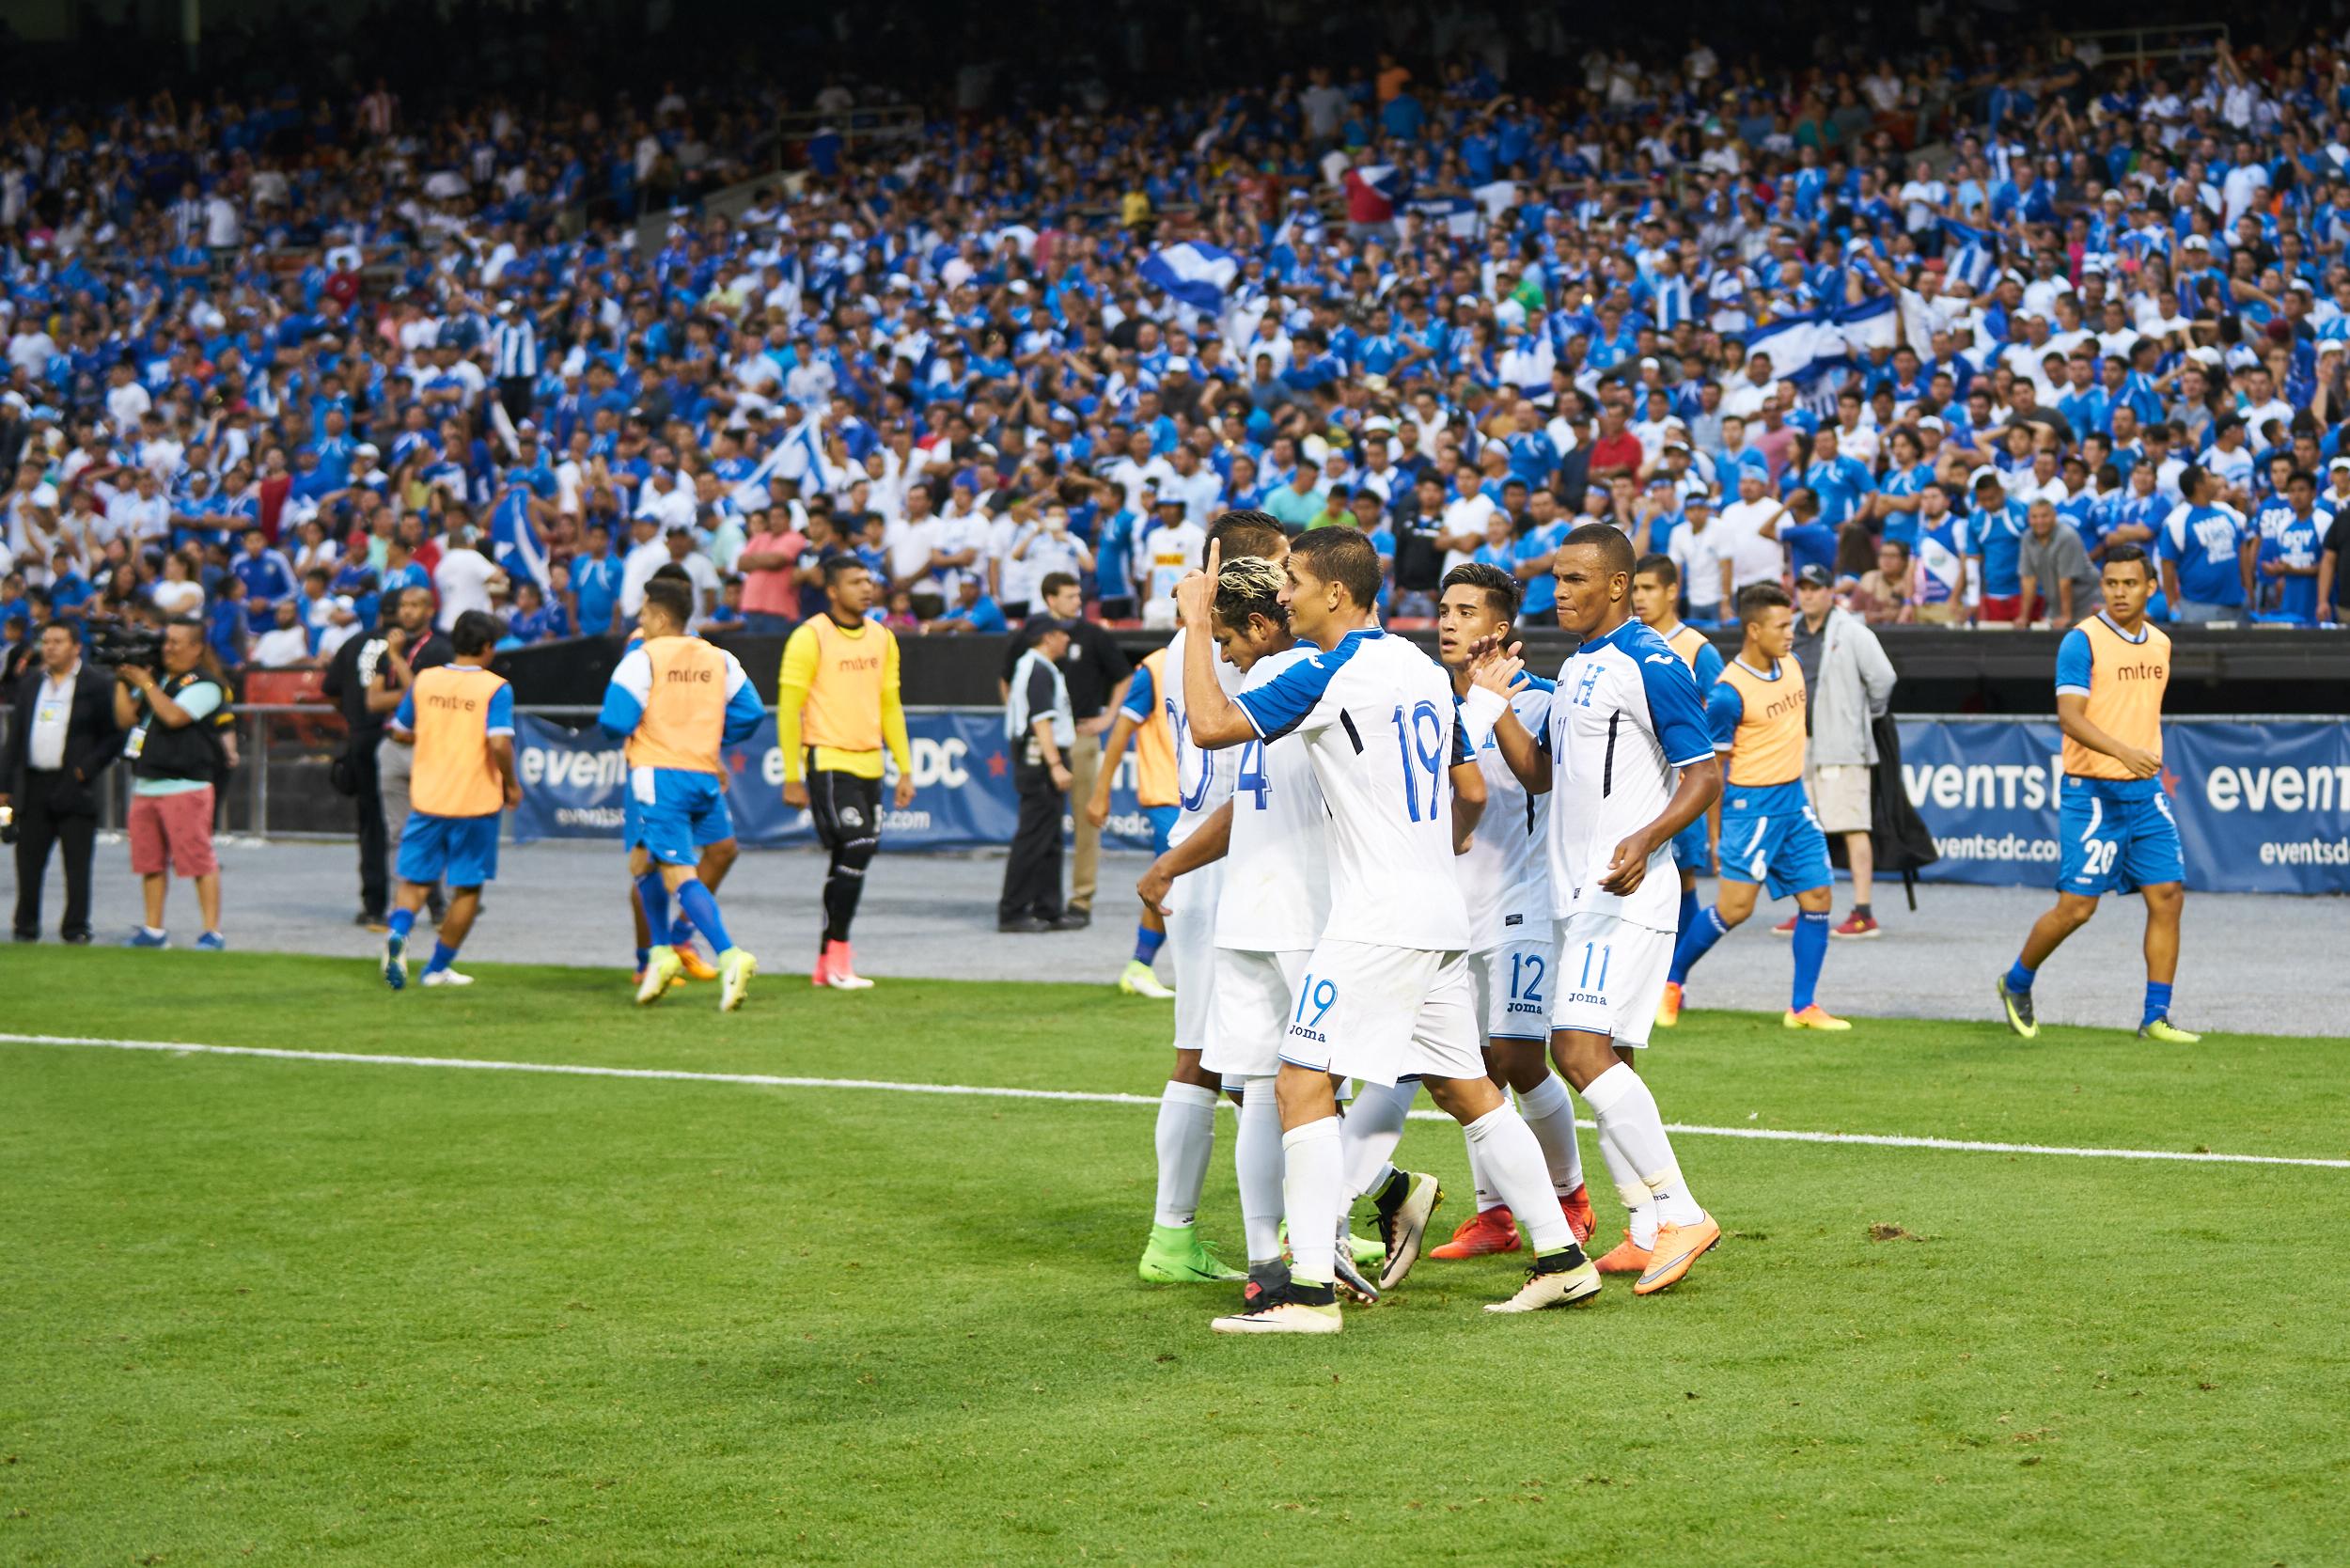 hon_goal_celebration_3.jpg